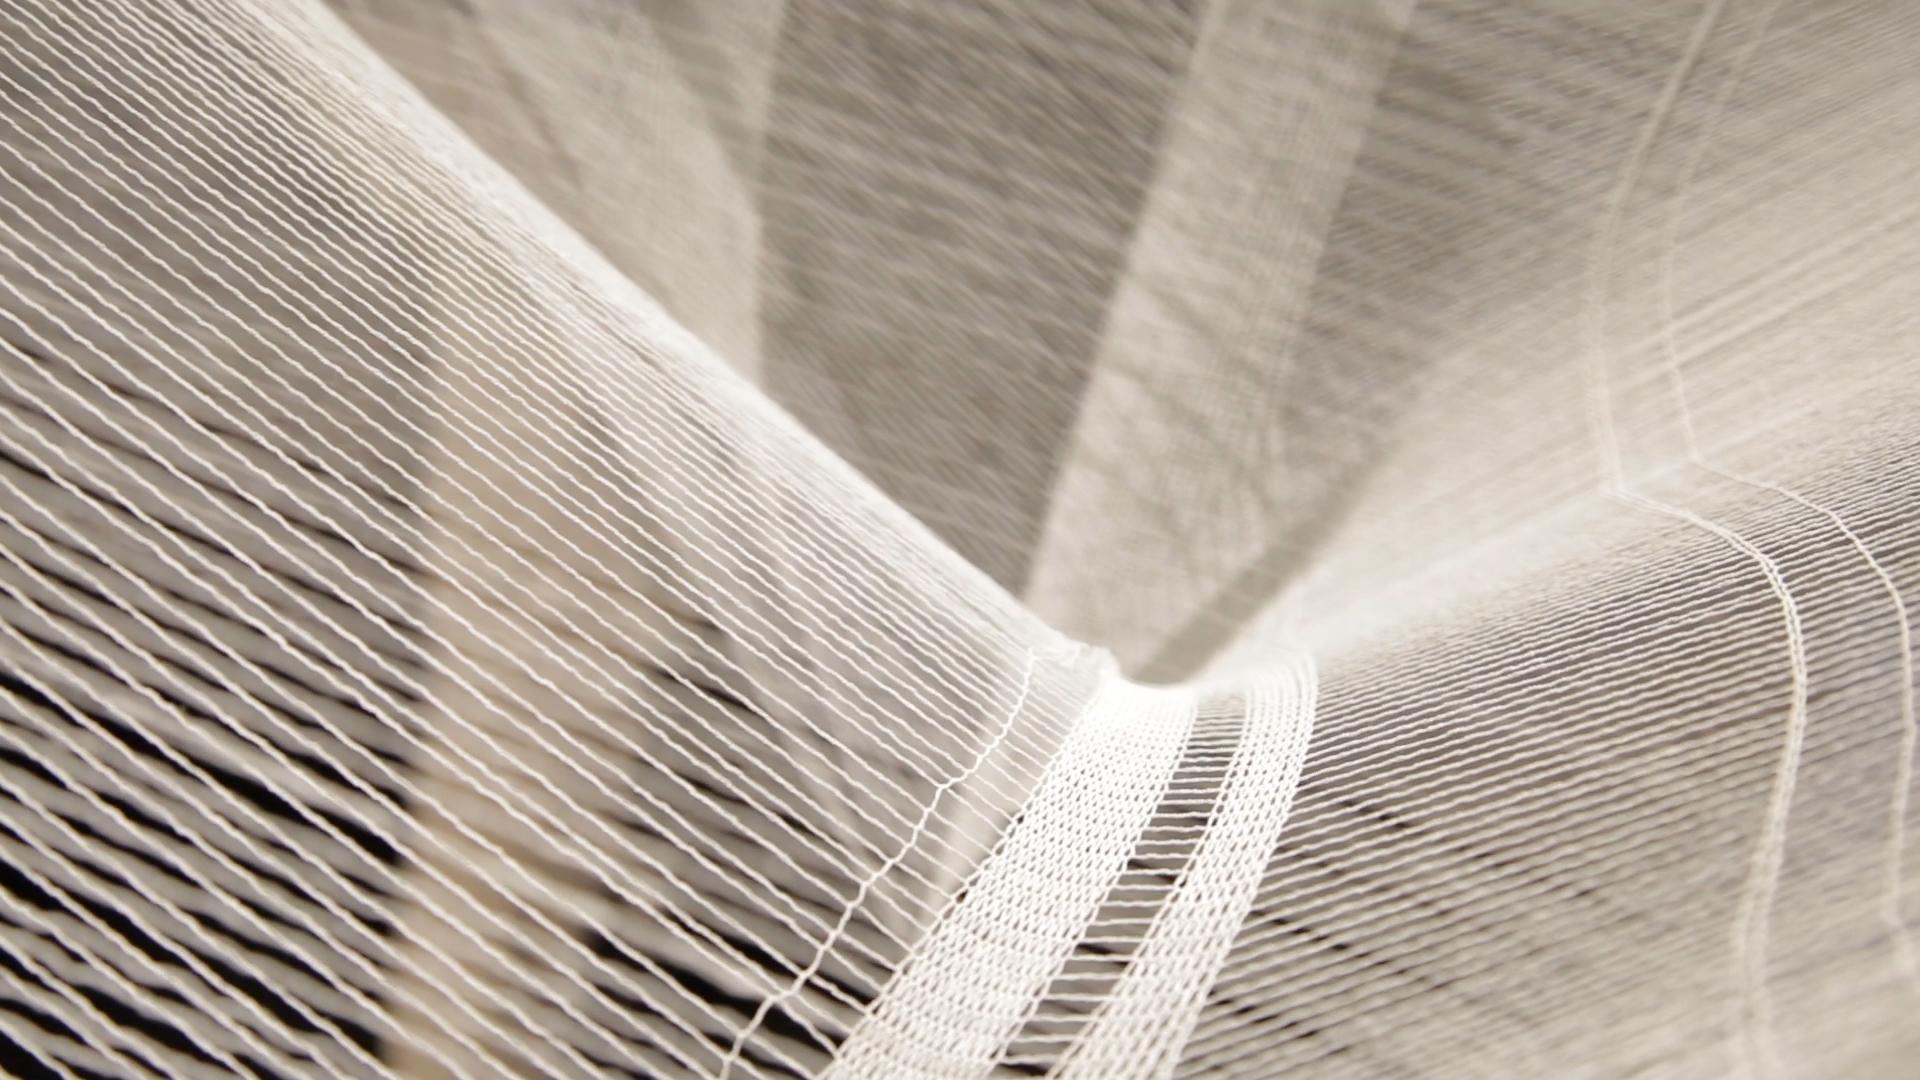 73.Vid - Talon - Still frames - Stefano Croci